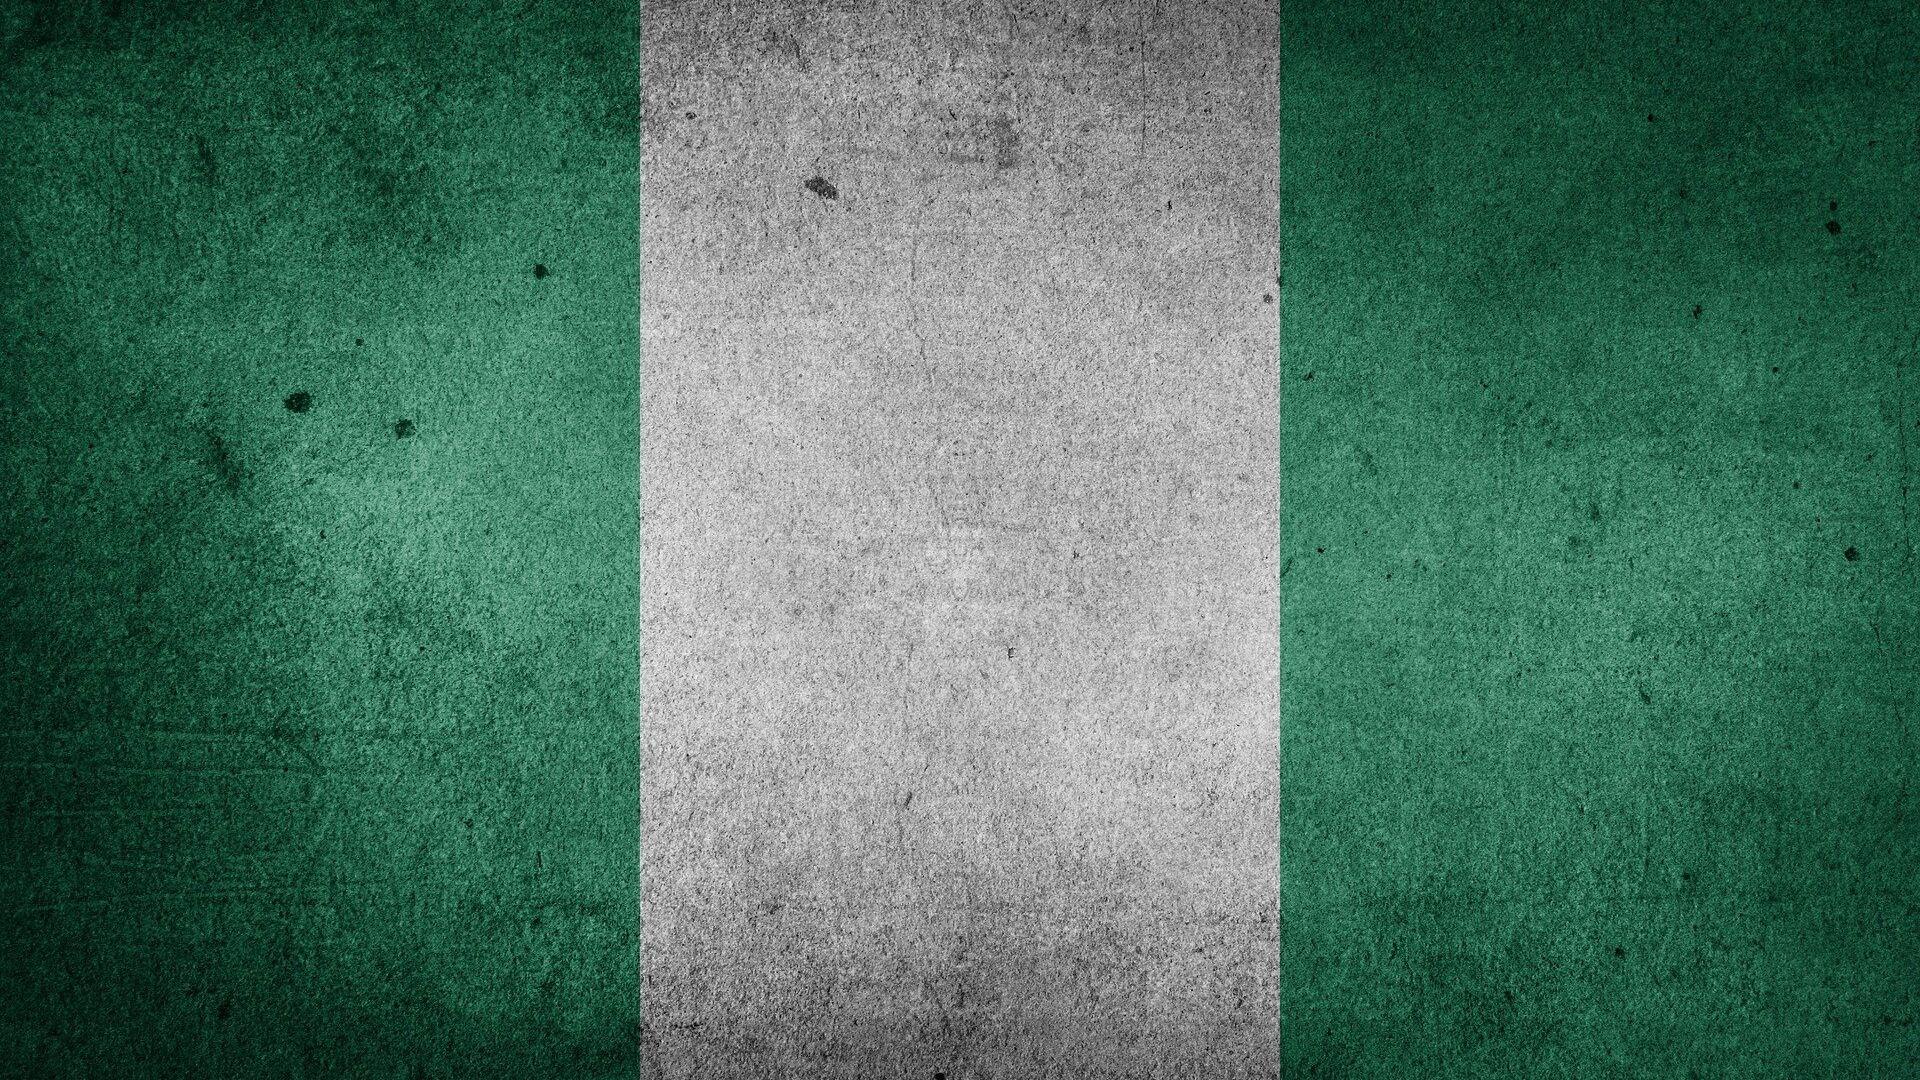 La bandera de Nigeria - Sputnik Mundo, 1920, 19.03.2021